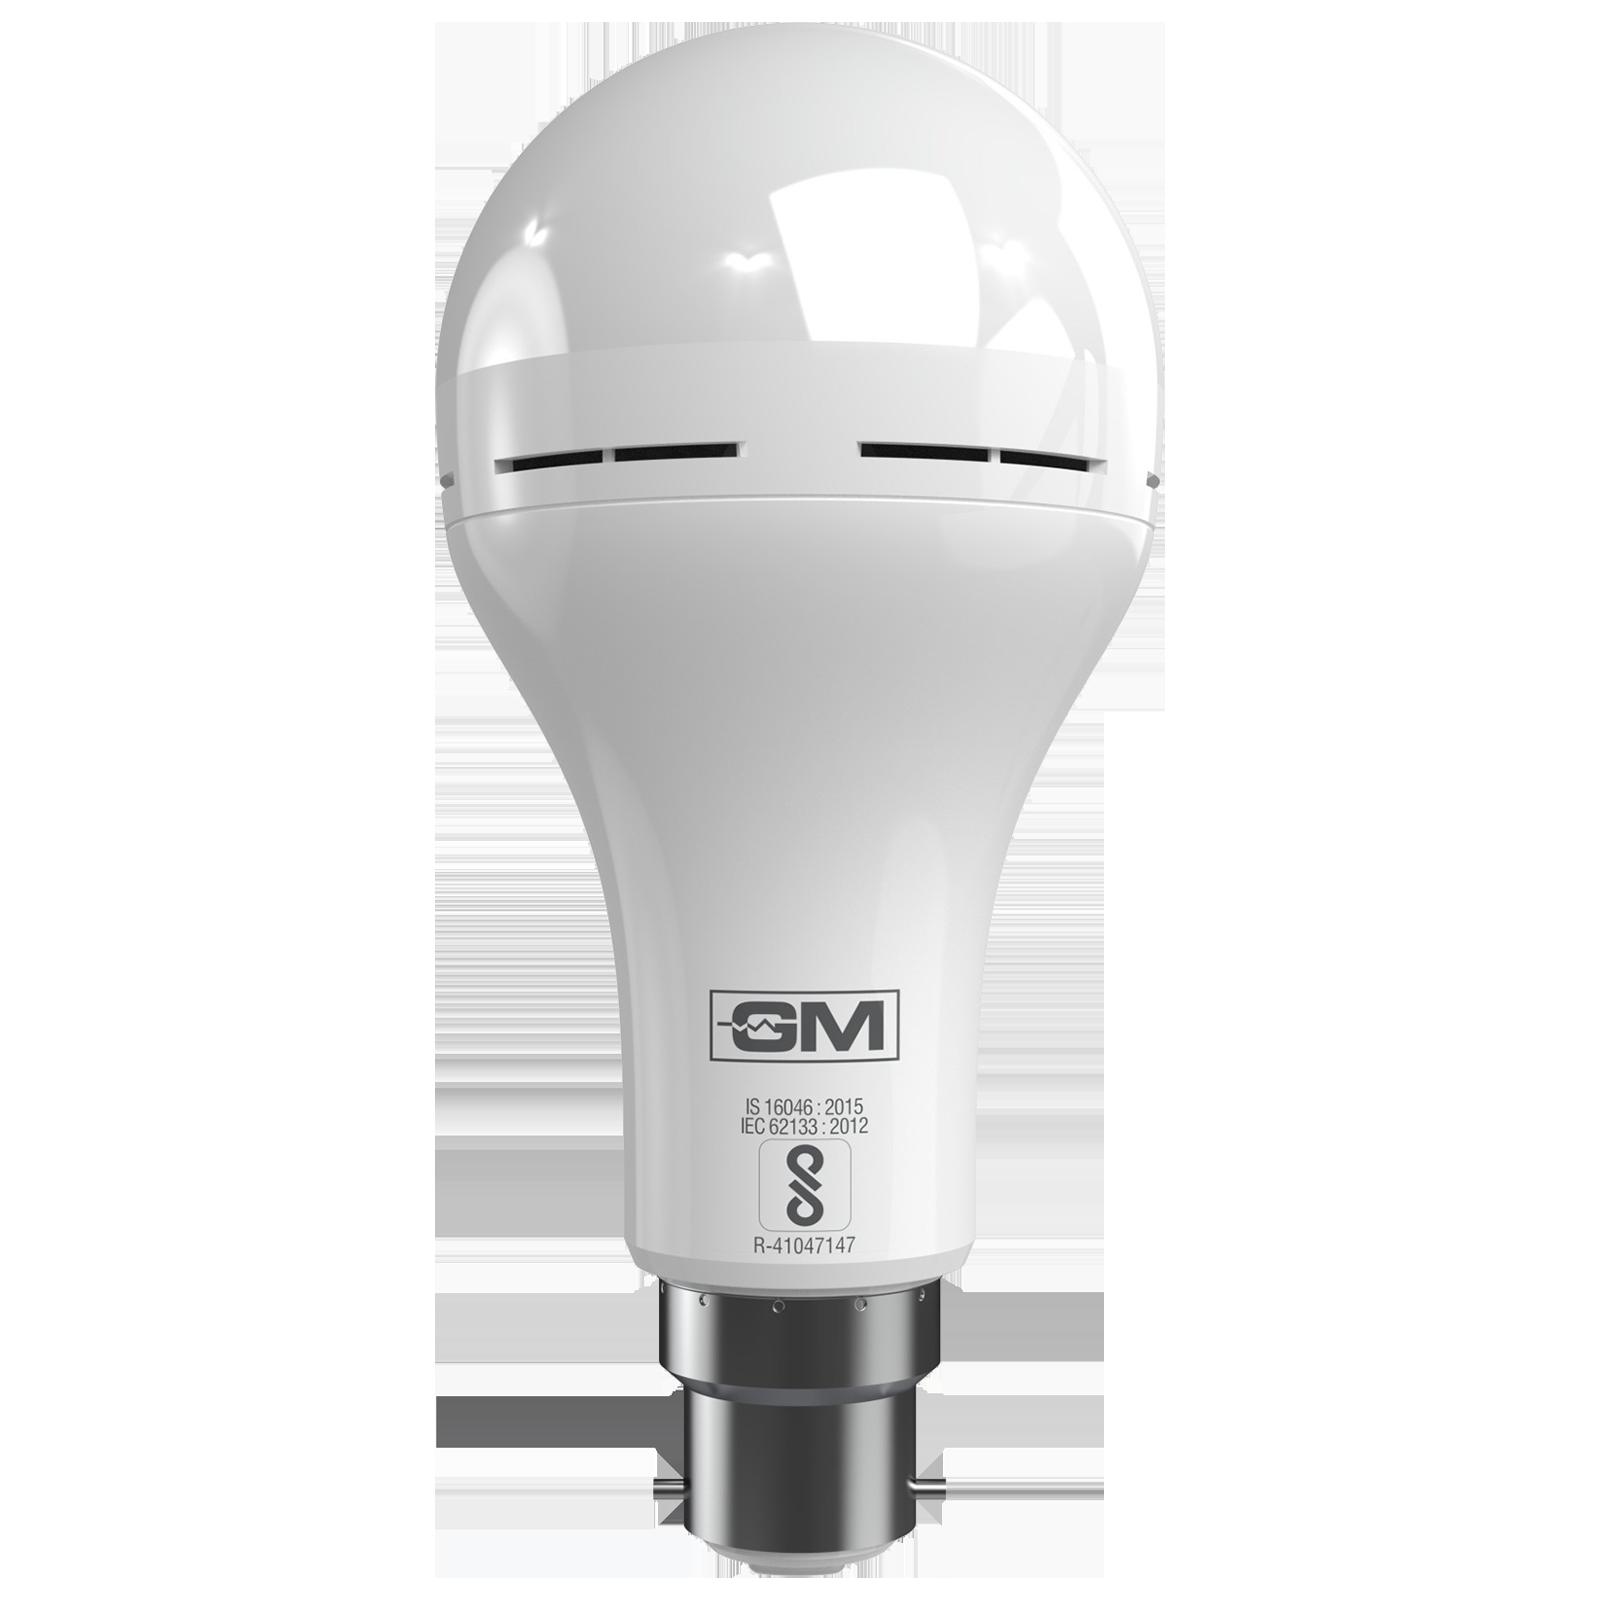 GM EVO 9 Watts Electric Powered LED Bulb (900 Lumens, GBA-9-ER-6K, White)_1